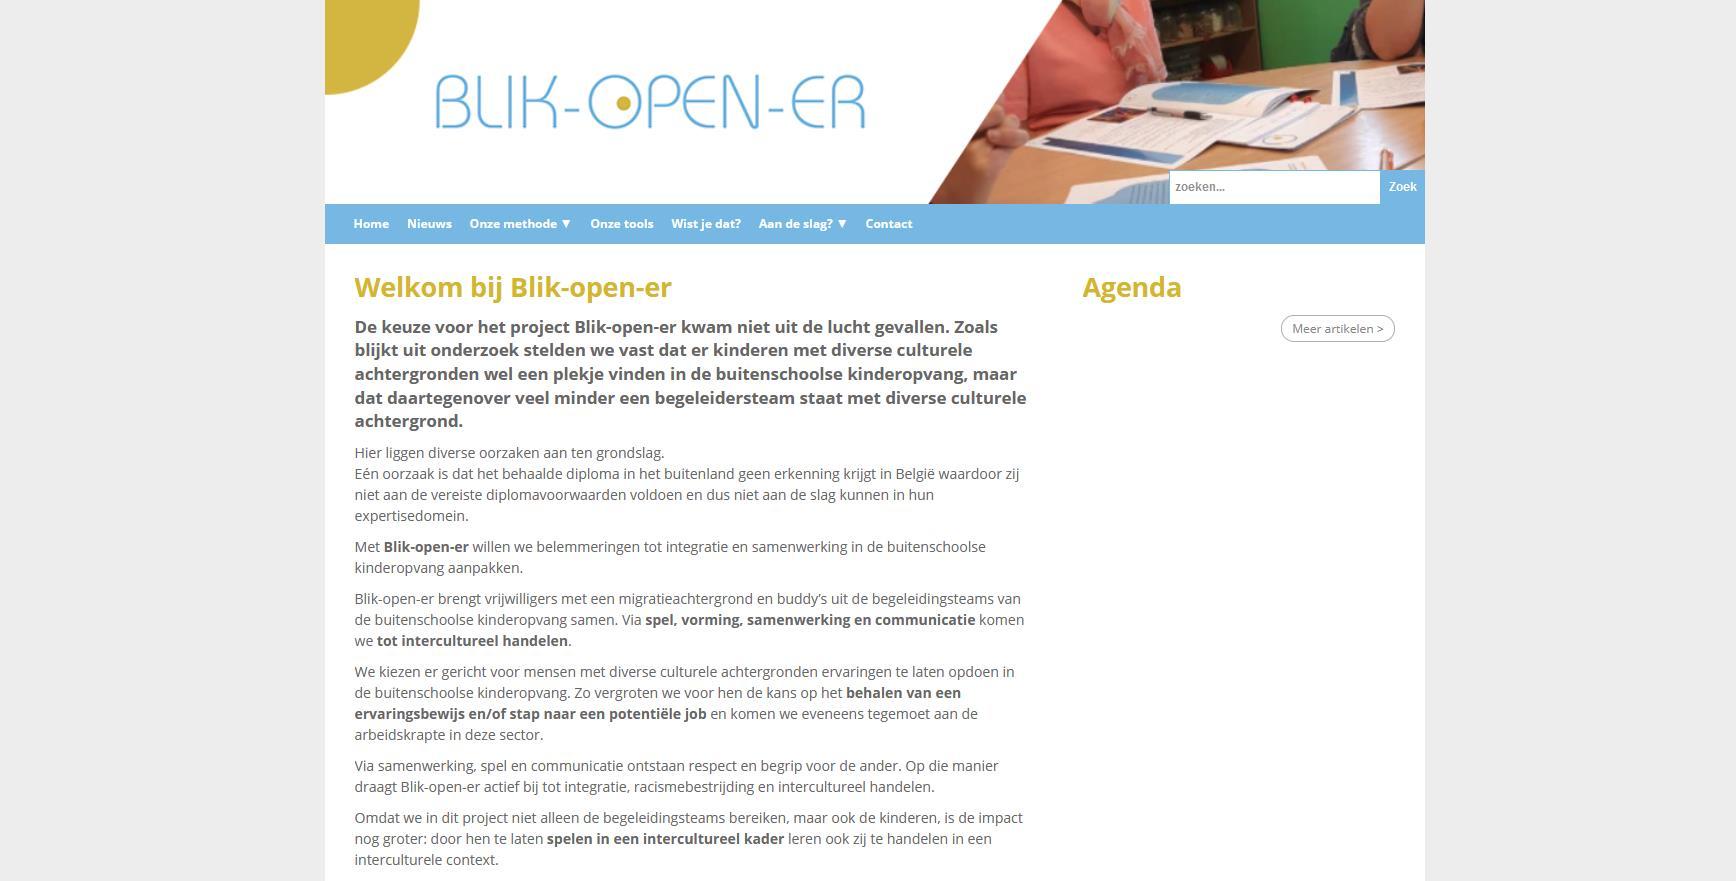 2020-02-07 12_13_24-Home - Blikopener - OnsPlatform.tv.png